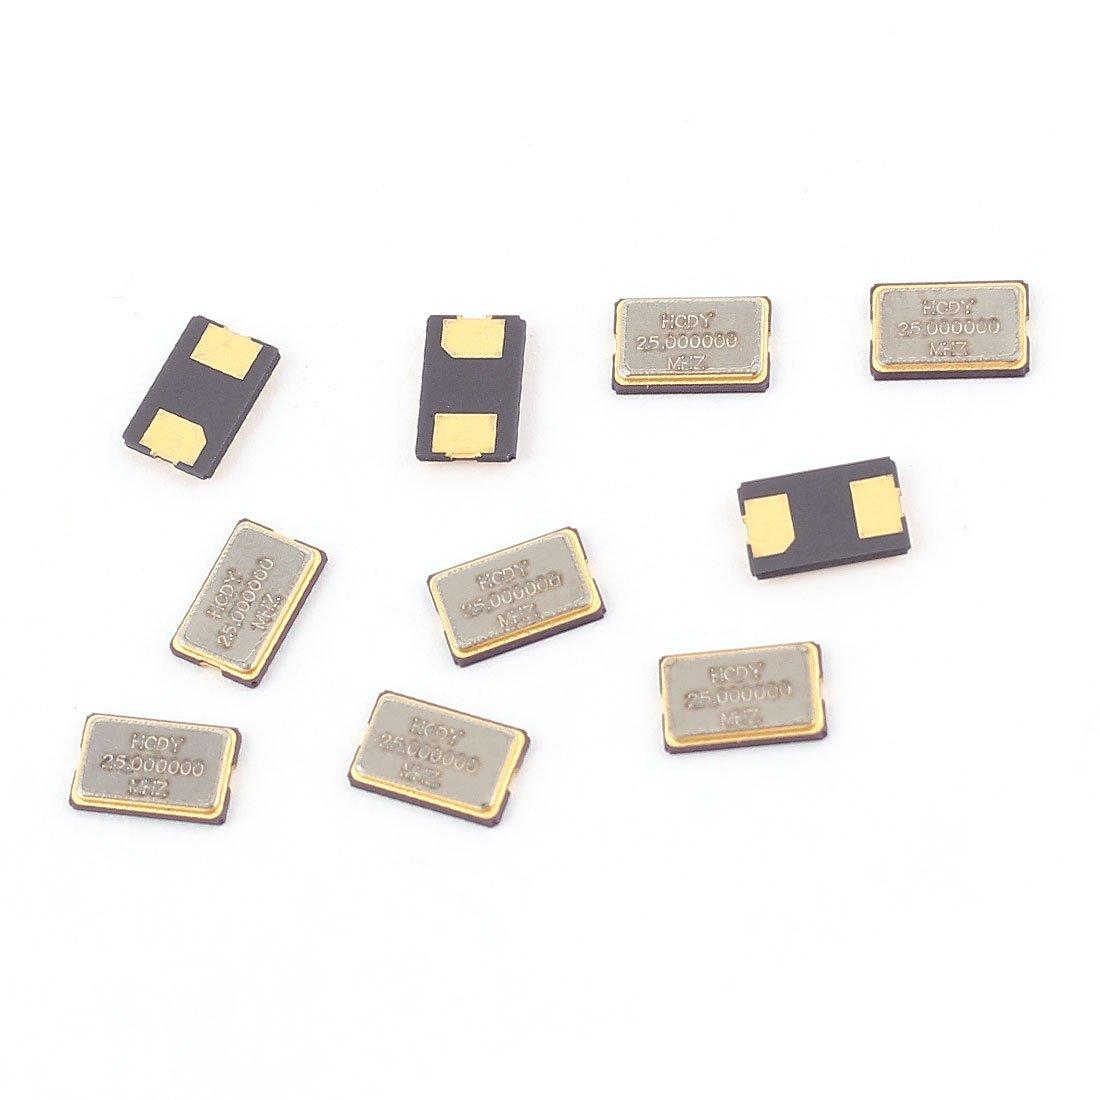 Aexit 10Pcs 25MHz Passive Components 25.000Hz SMD Passive Crystal Quartz Crystals Oscillator 5032